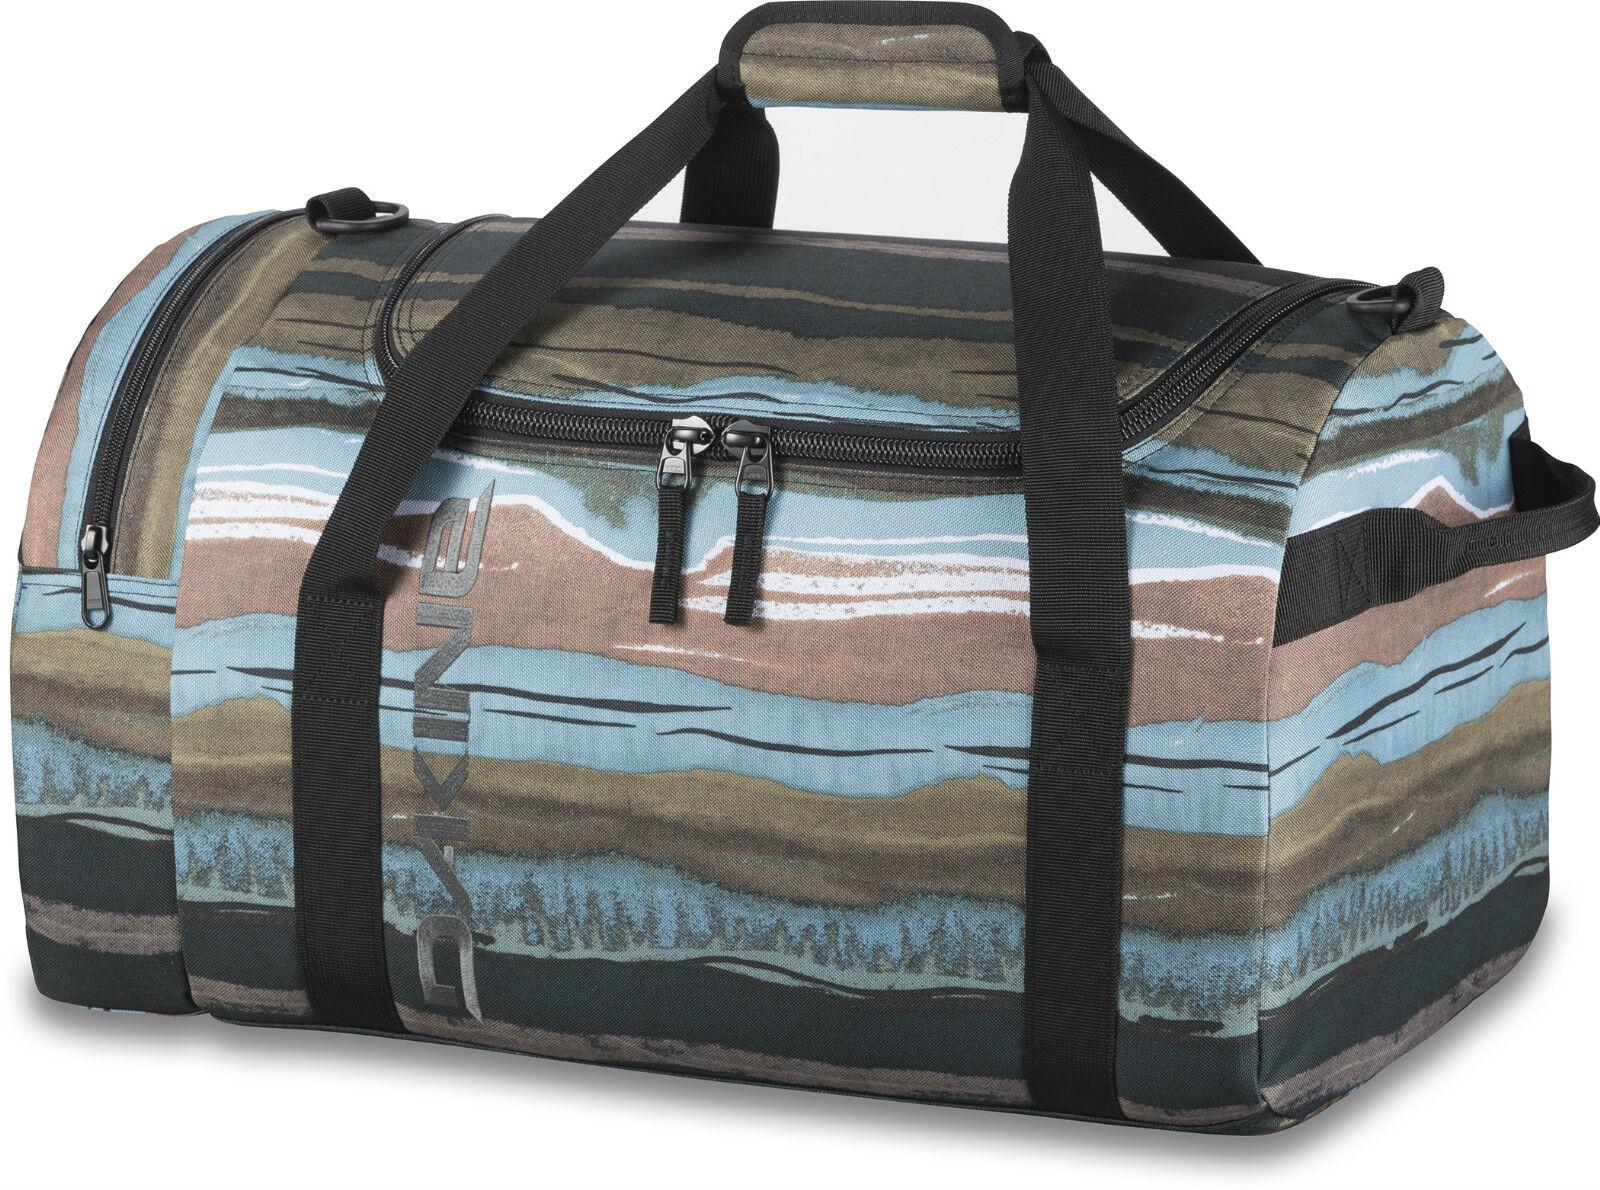 Dakine eq Bag Medium bolsa de gimnasia valija Shoreline 51 litros de nuevo